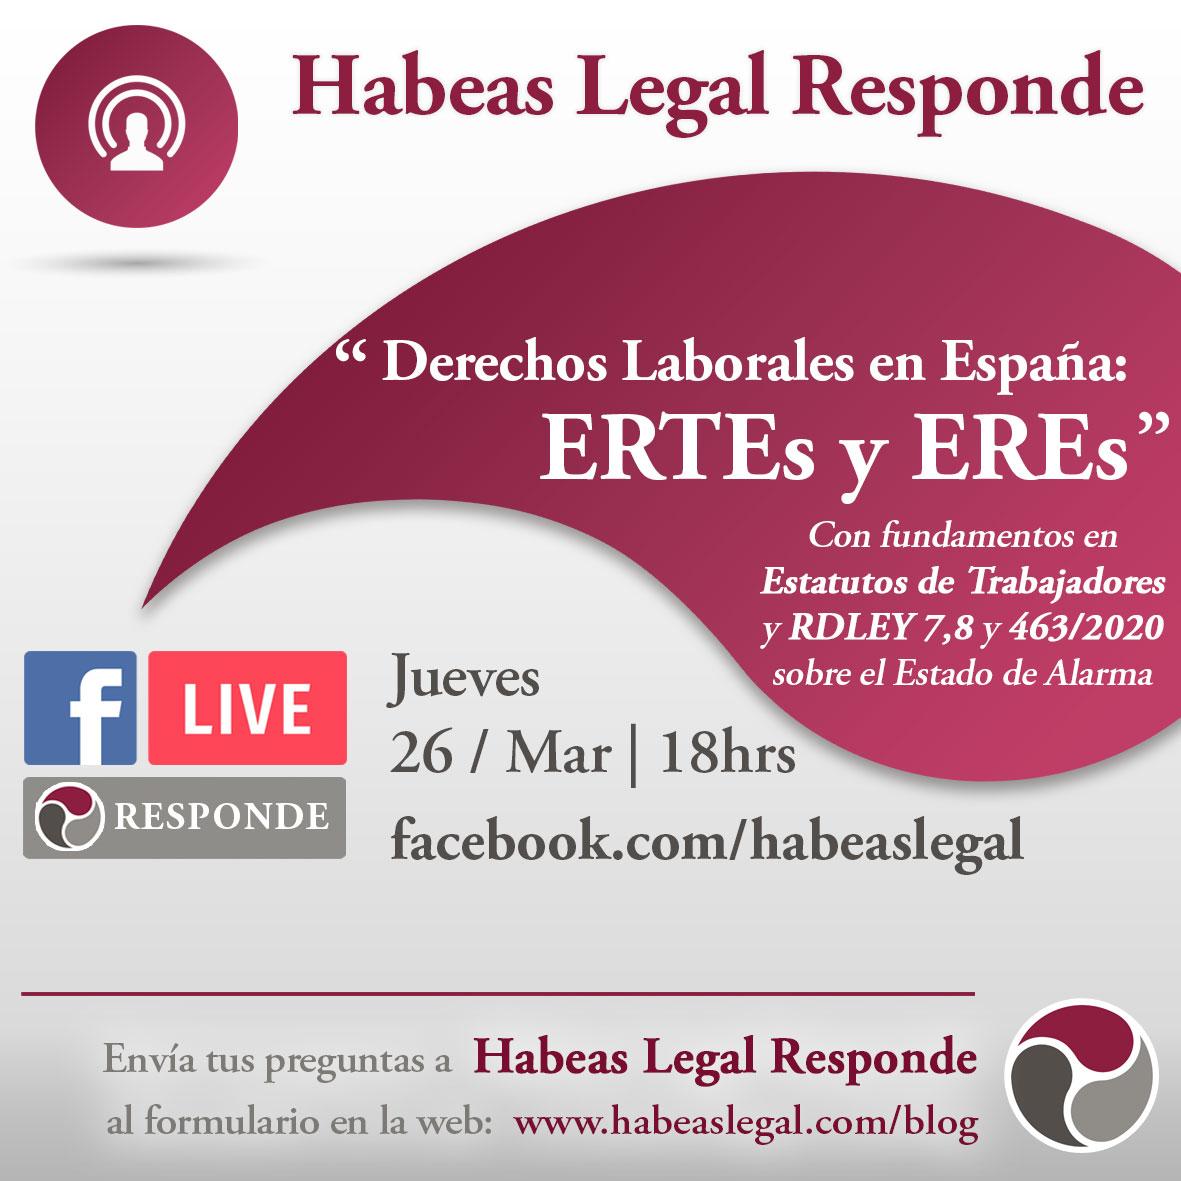 Derechos Laborales en España en caso de un ERTE o un ERE - Habeas Legal